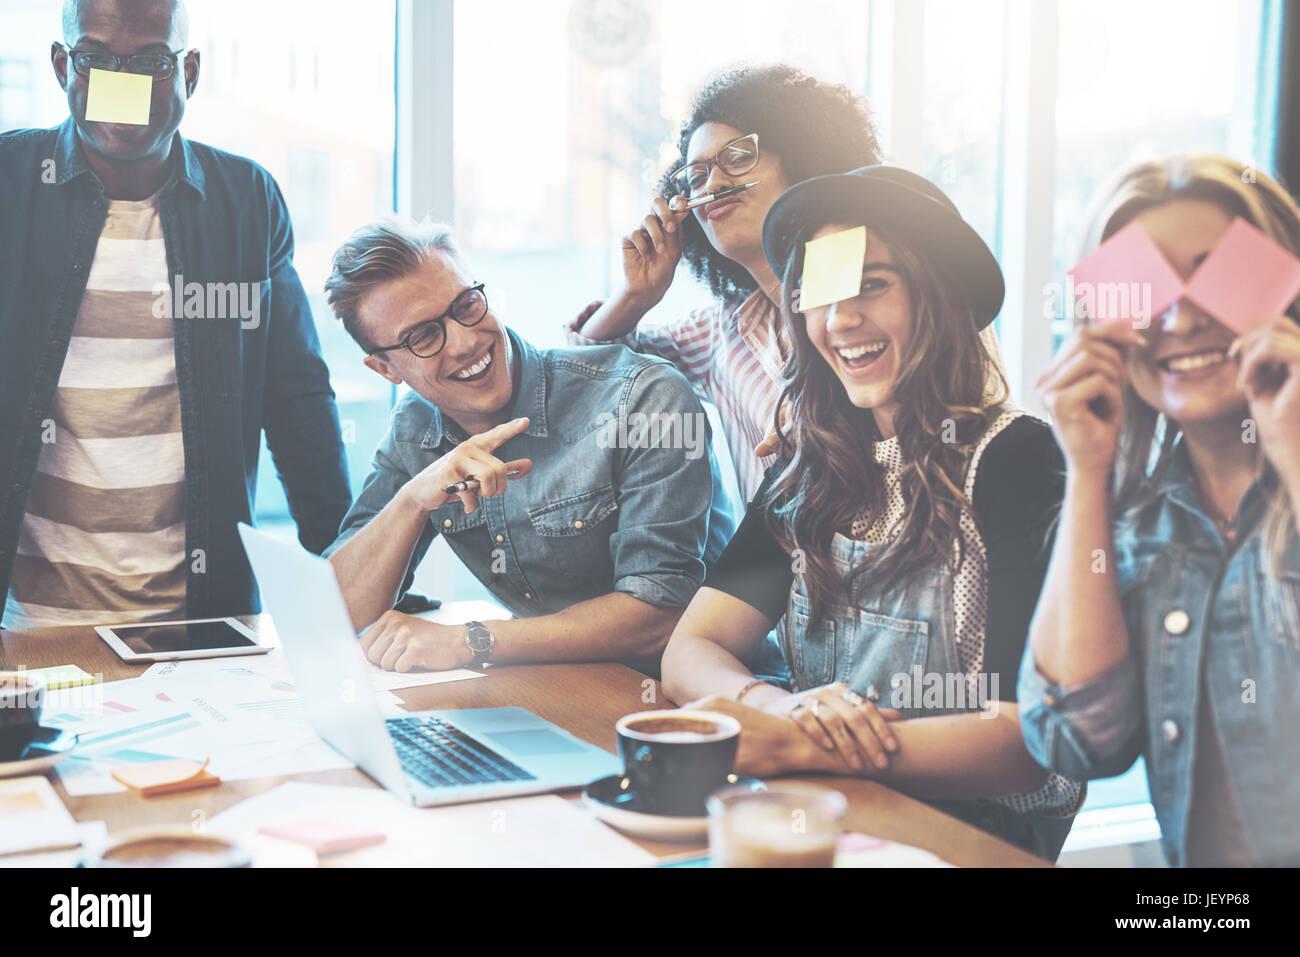 Scherz Gruppe von unterschiedlichen jungen Erwachsenen Kollegen als Ablenkung während eines Treffens mit Haftnotizen auf ihren Gesichtern zu spielen Stockfoto